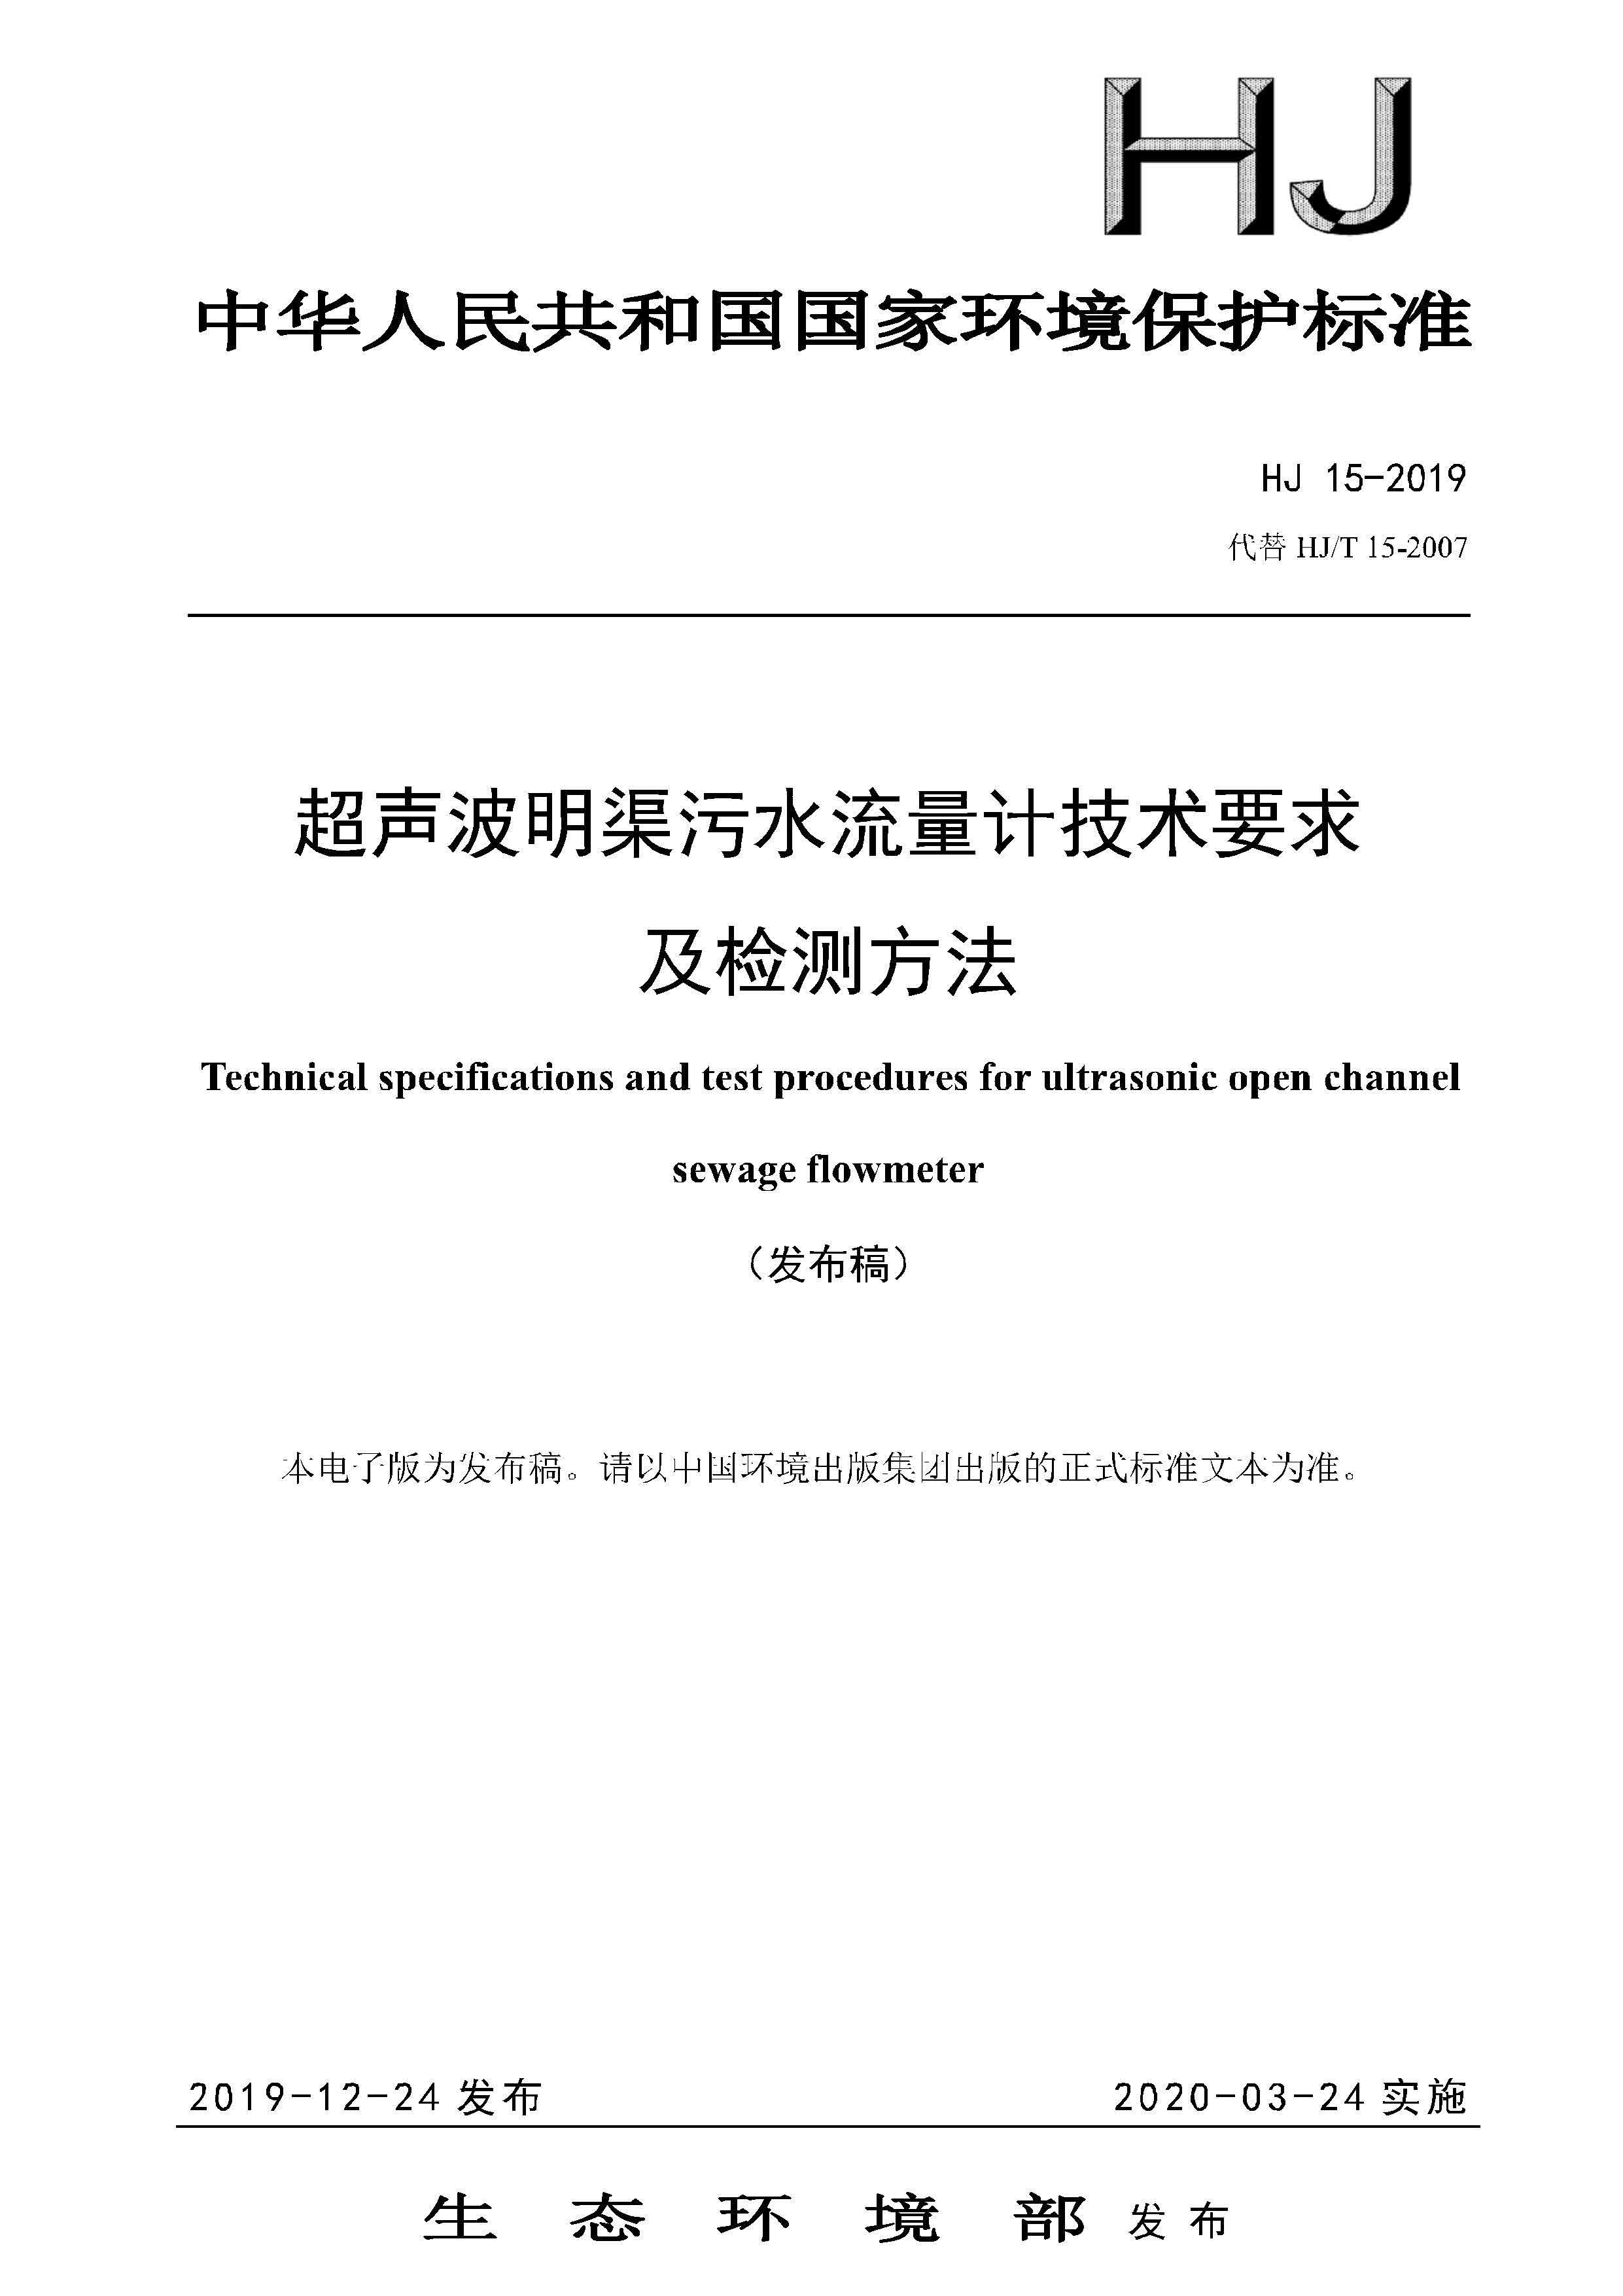 HJ15-2019 超声波明渠污水流量计技术要求及检测方法 可下载